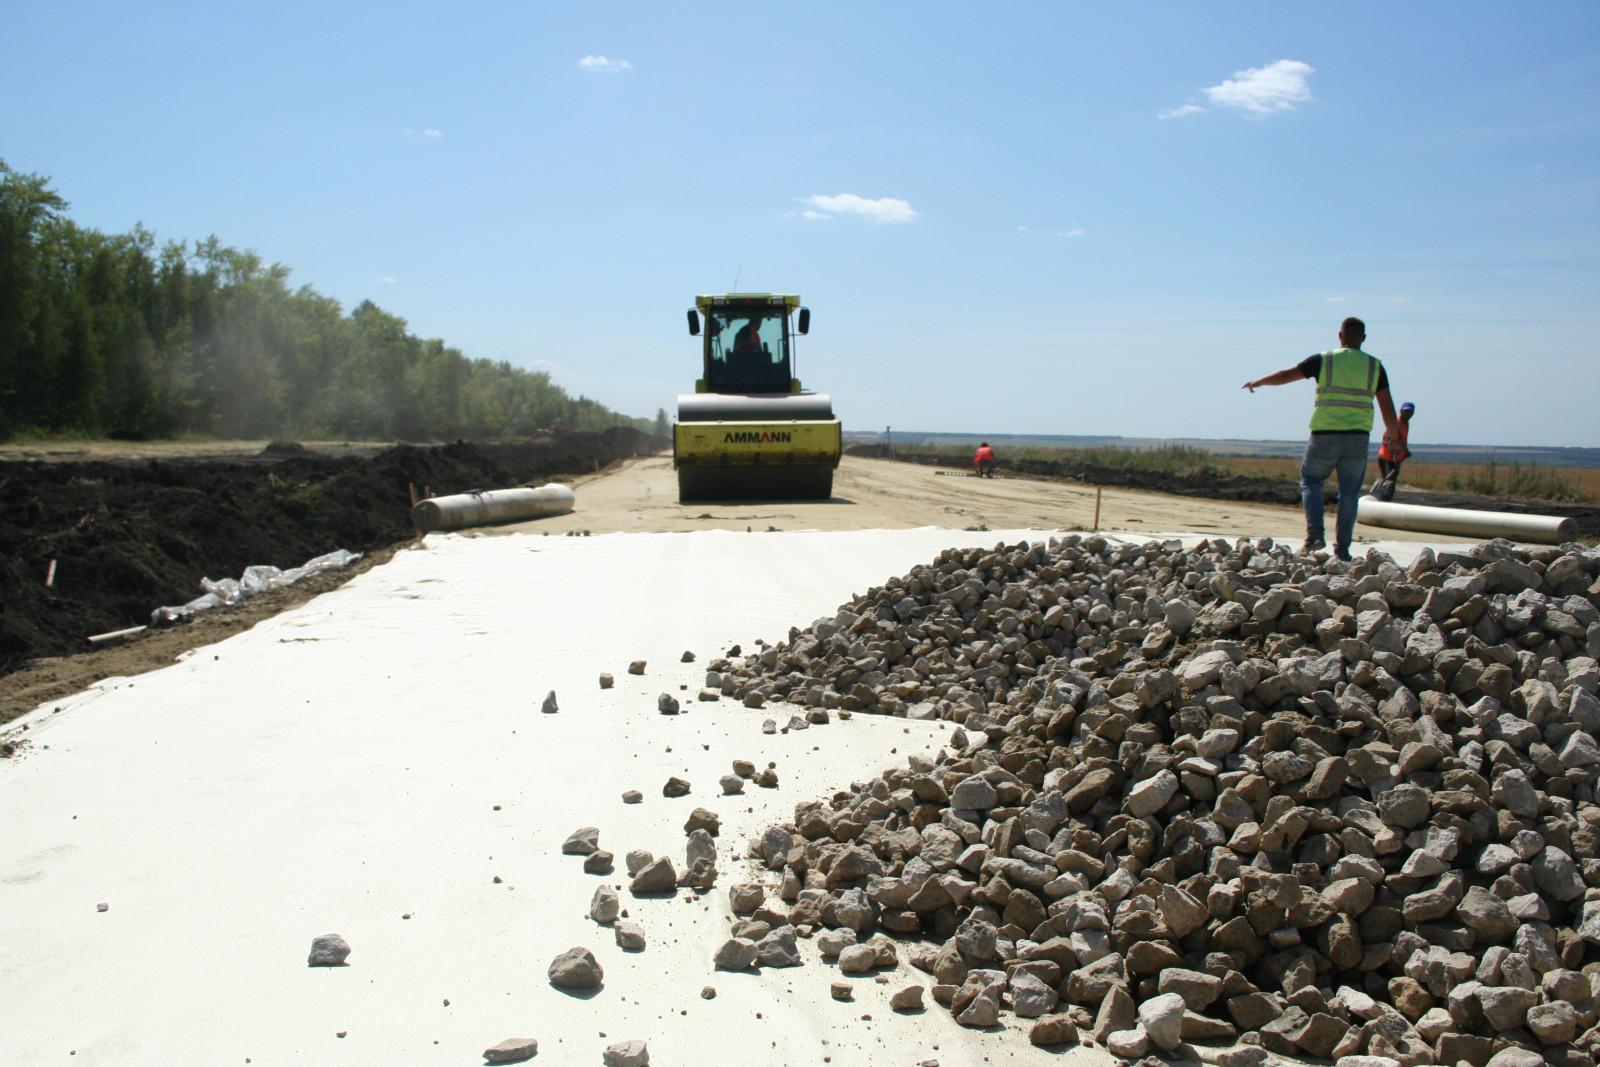 Александр Никитин: «Нужна четкая система планирования дорожно-строительных работ»